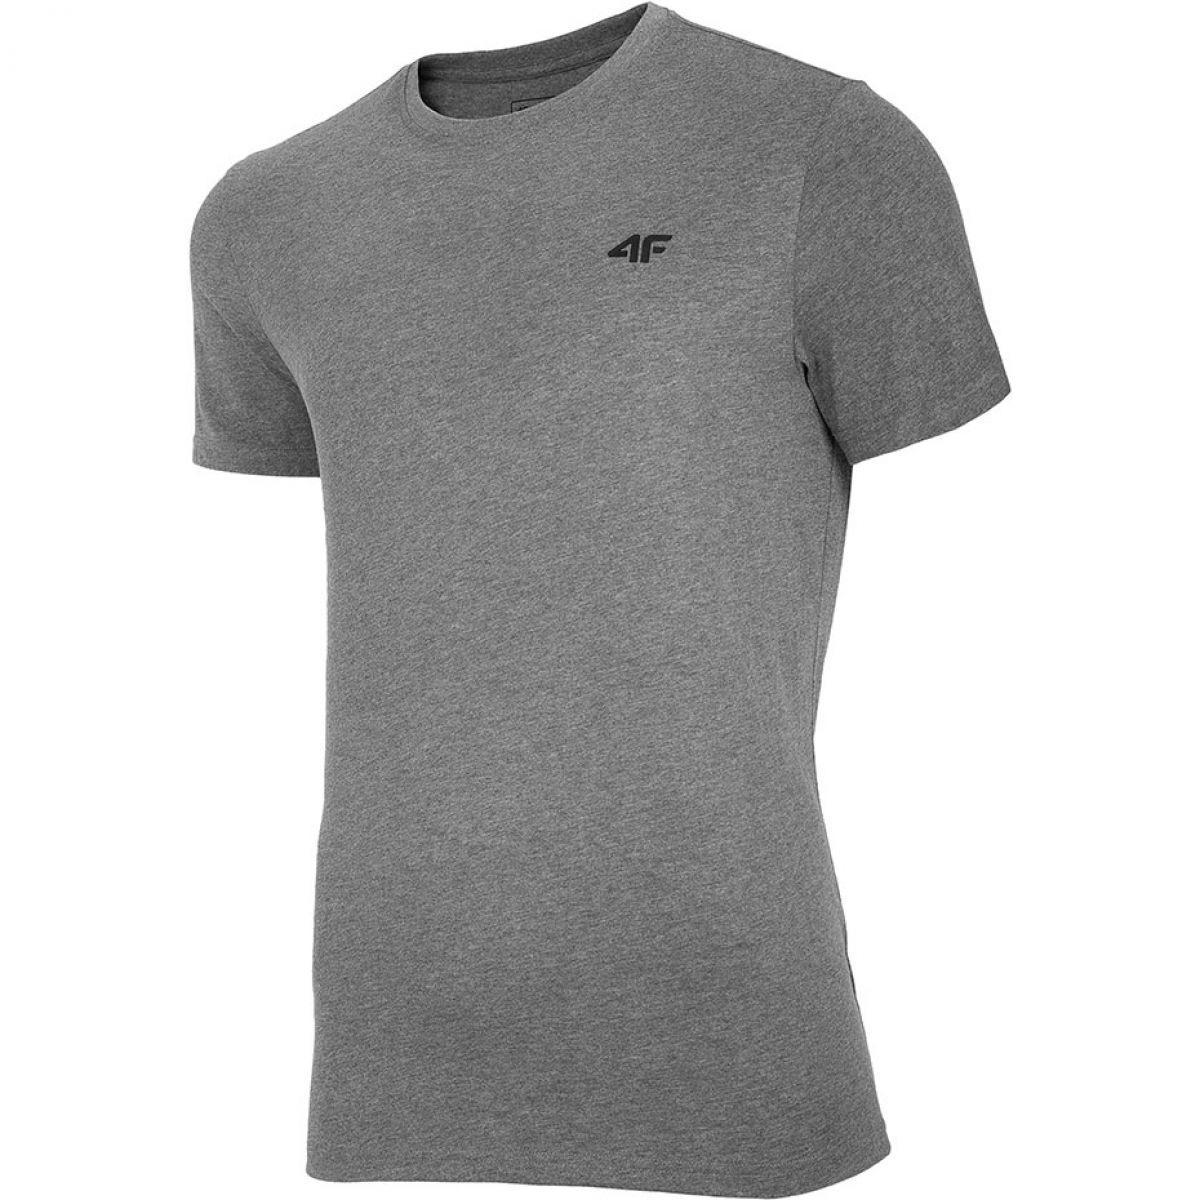 Мужская серая однотонная футболка 4F NOSH4-TSM003-24M